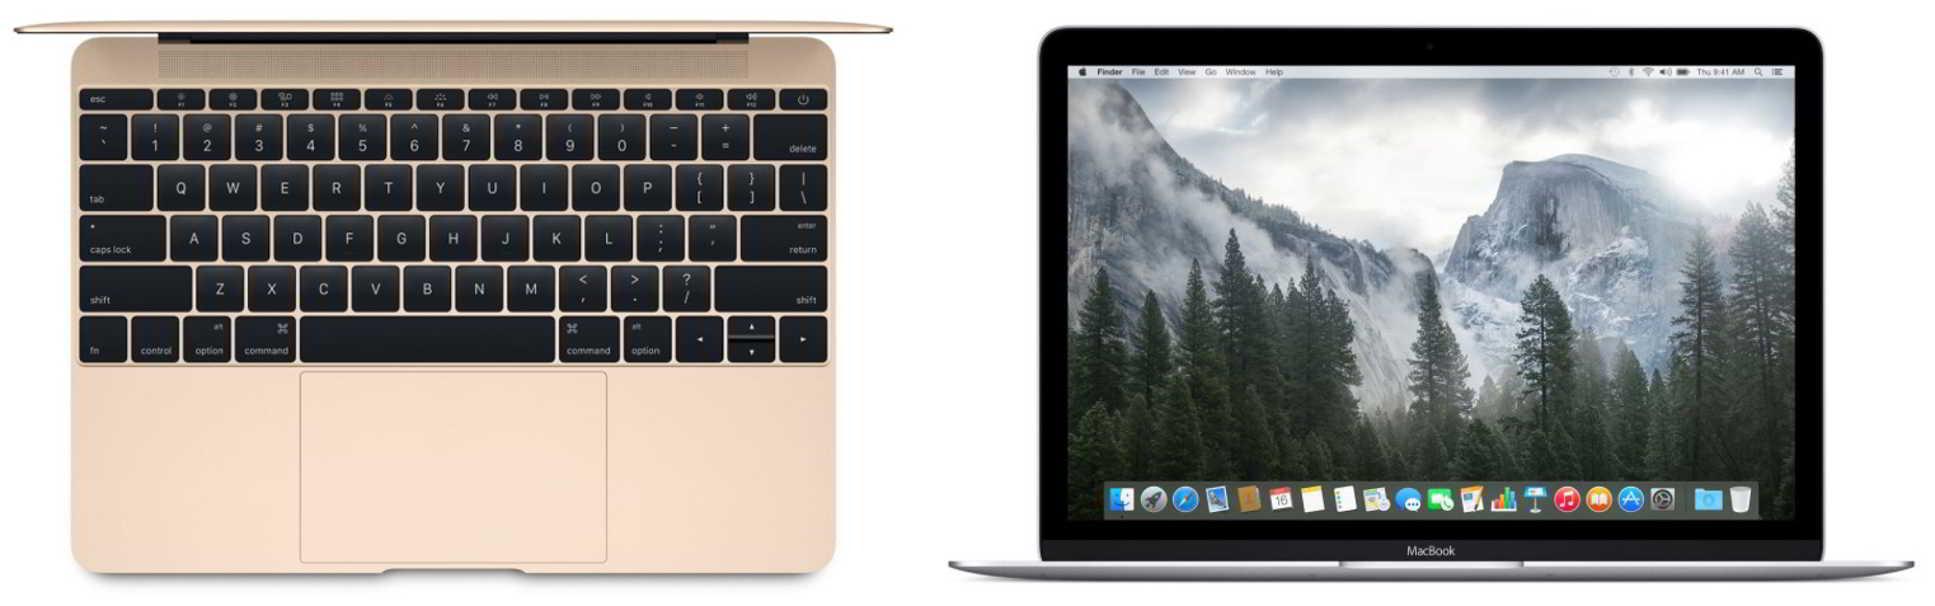 Noul Macbook 12 inch pret procesor